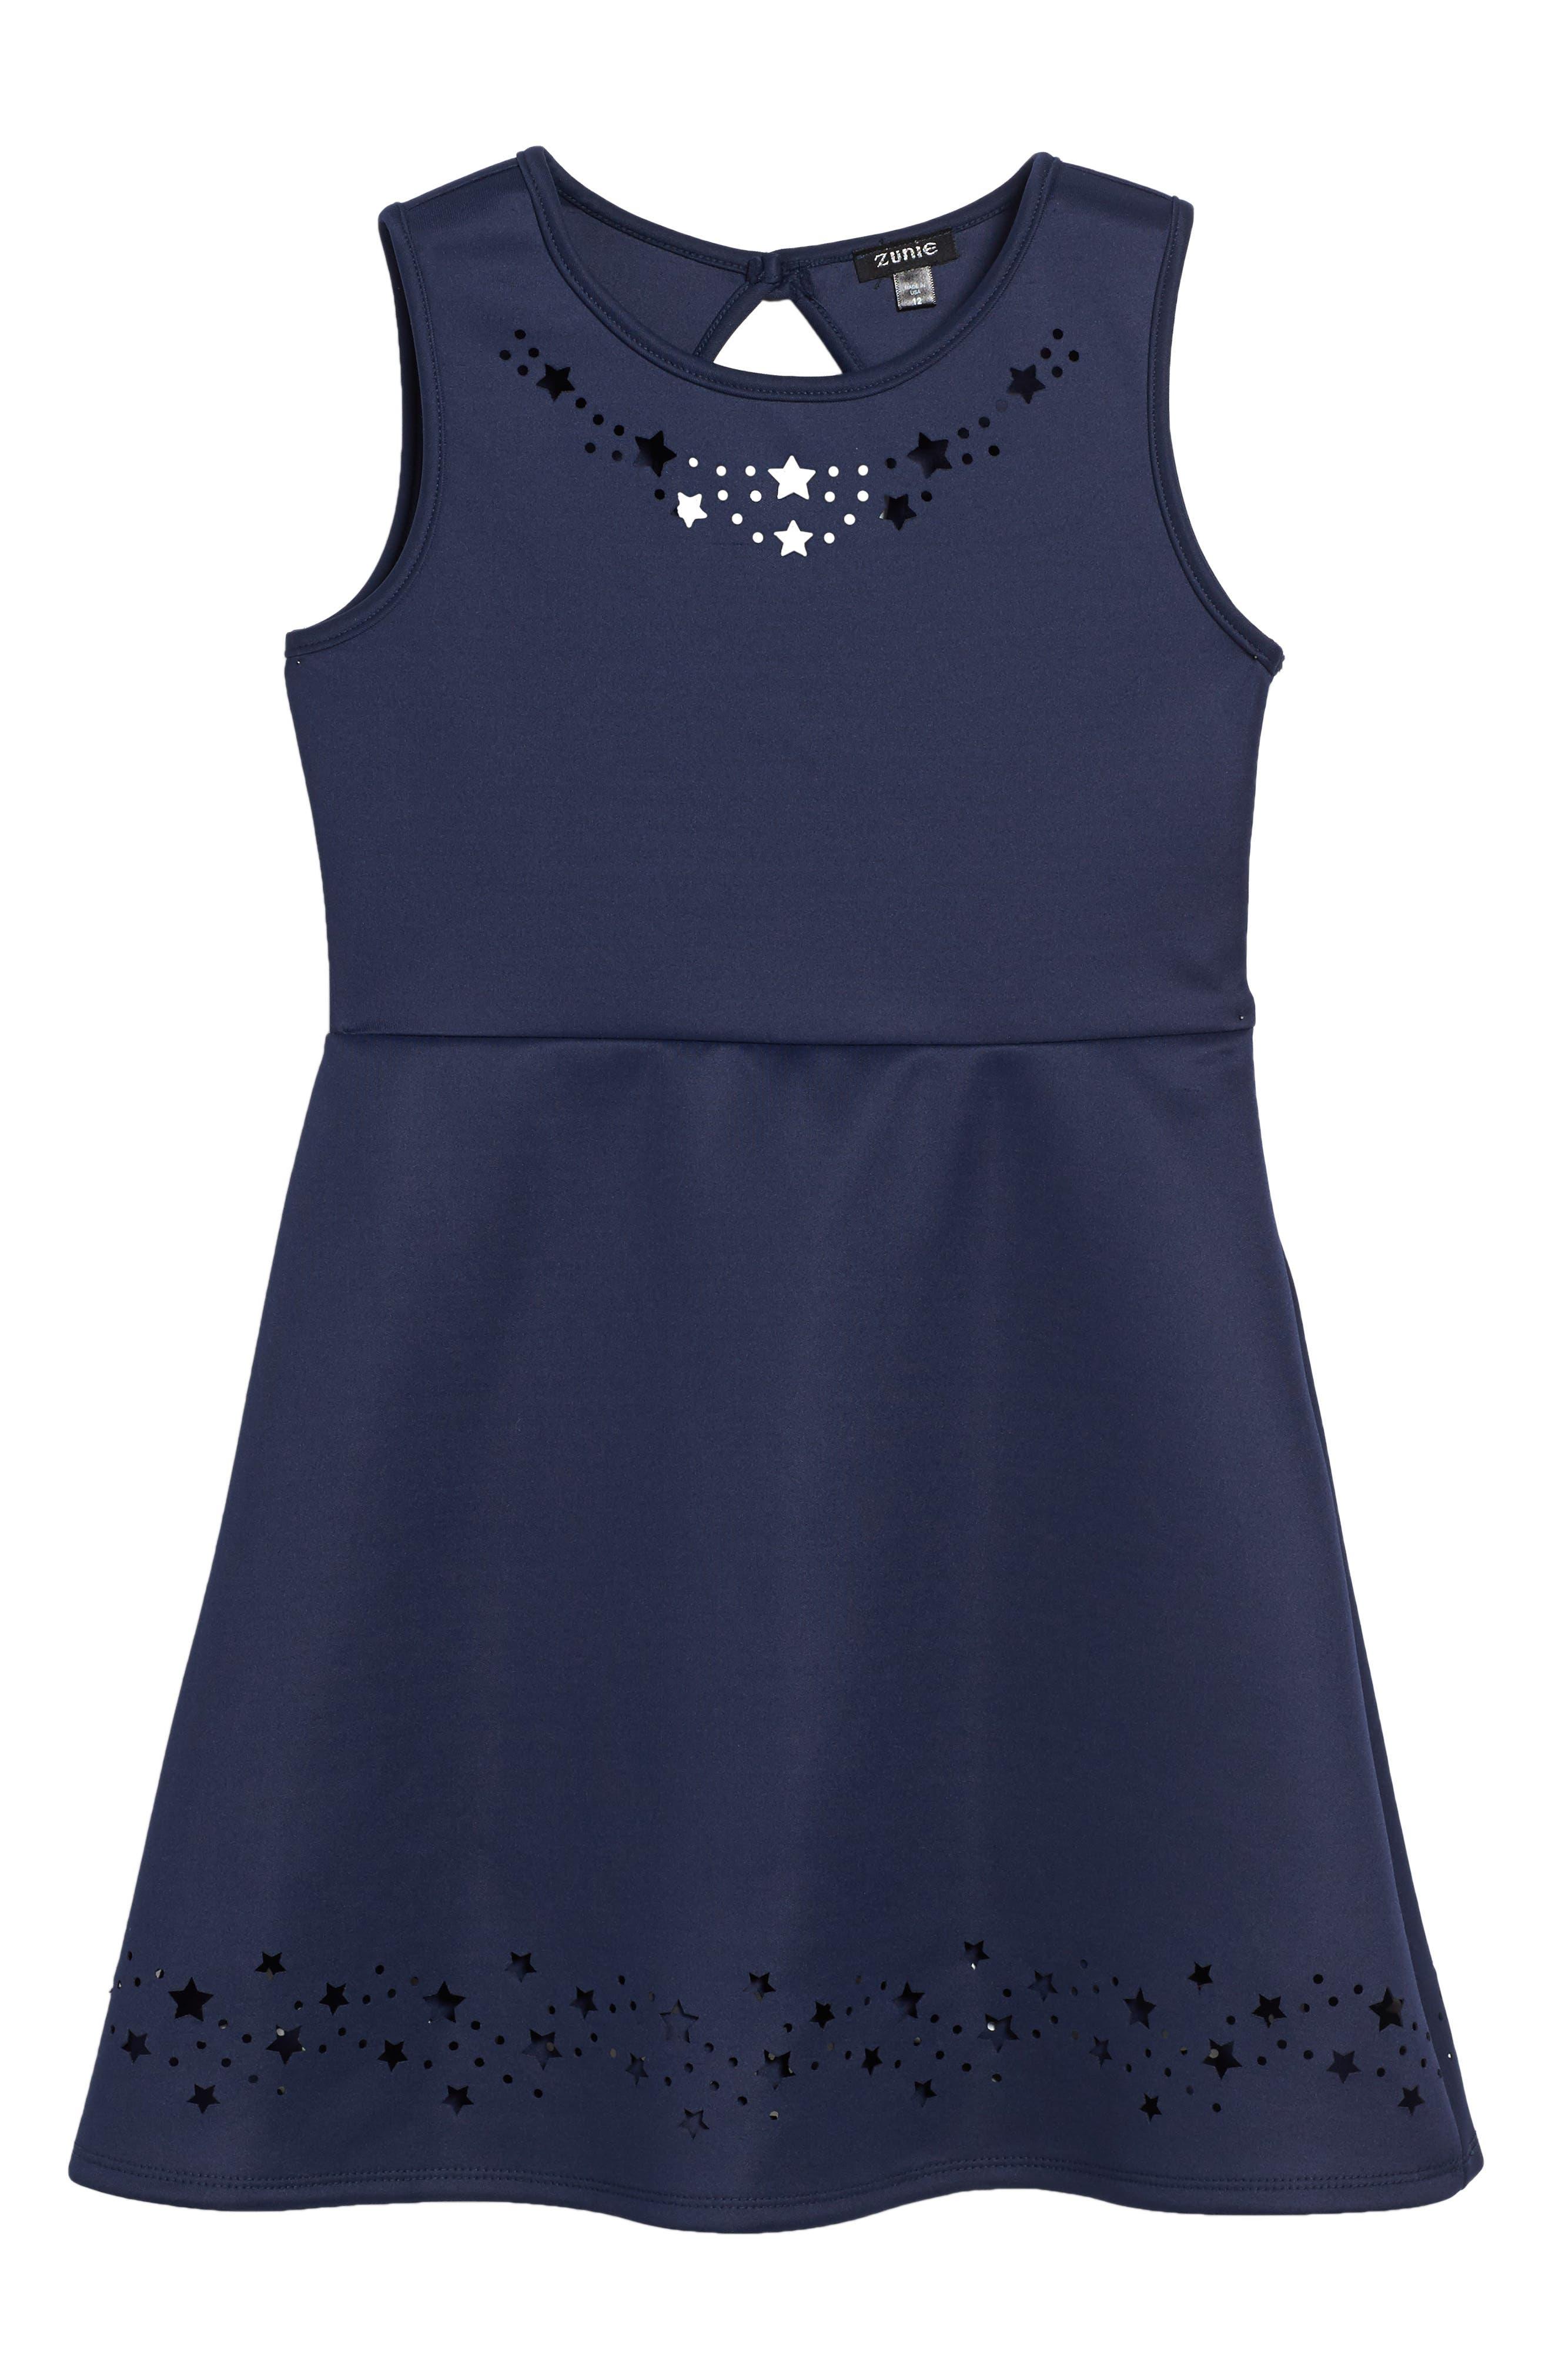 Alternate Image 1 Selected - Zunie Laser Star Cutout Scuba Tank Dress (Toddler Girls, Little Girls & Big Girls)